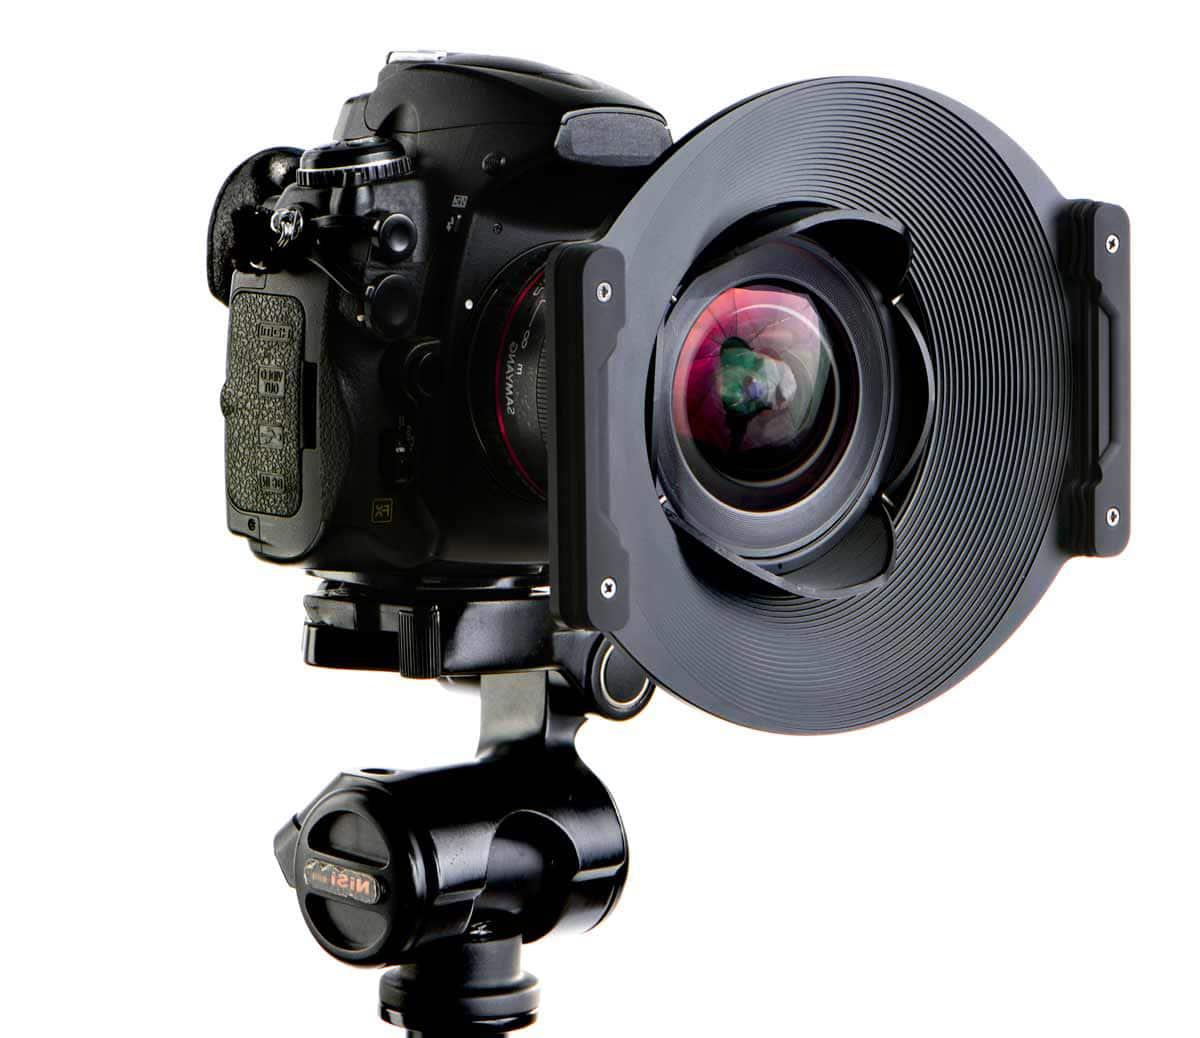 Nisi-porte-filtre-samyang-14-mm